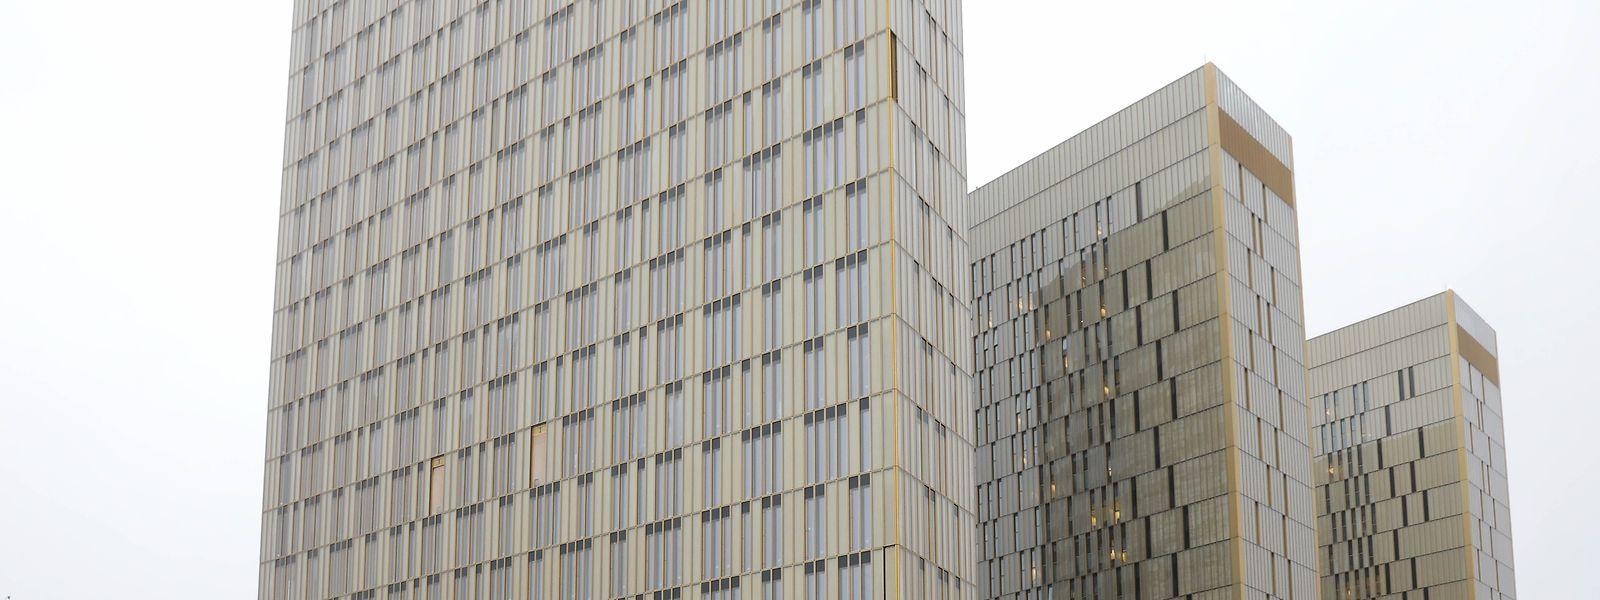 La troisième tour mêlera noir et or et sera six étages plus haute que ses sœurs jumelles.